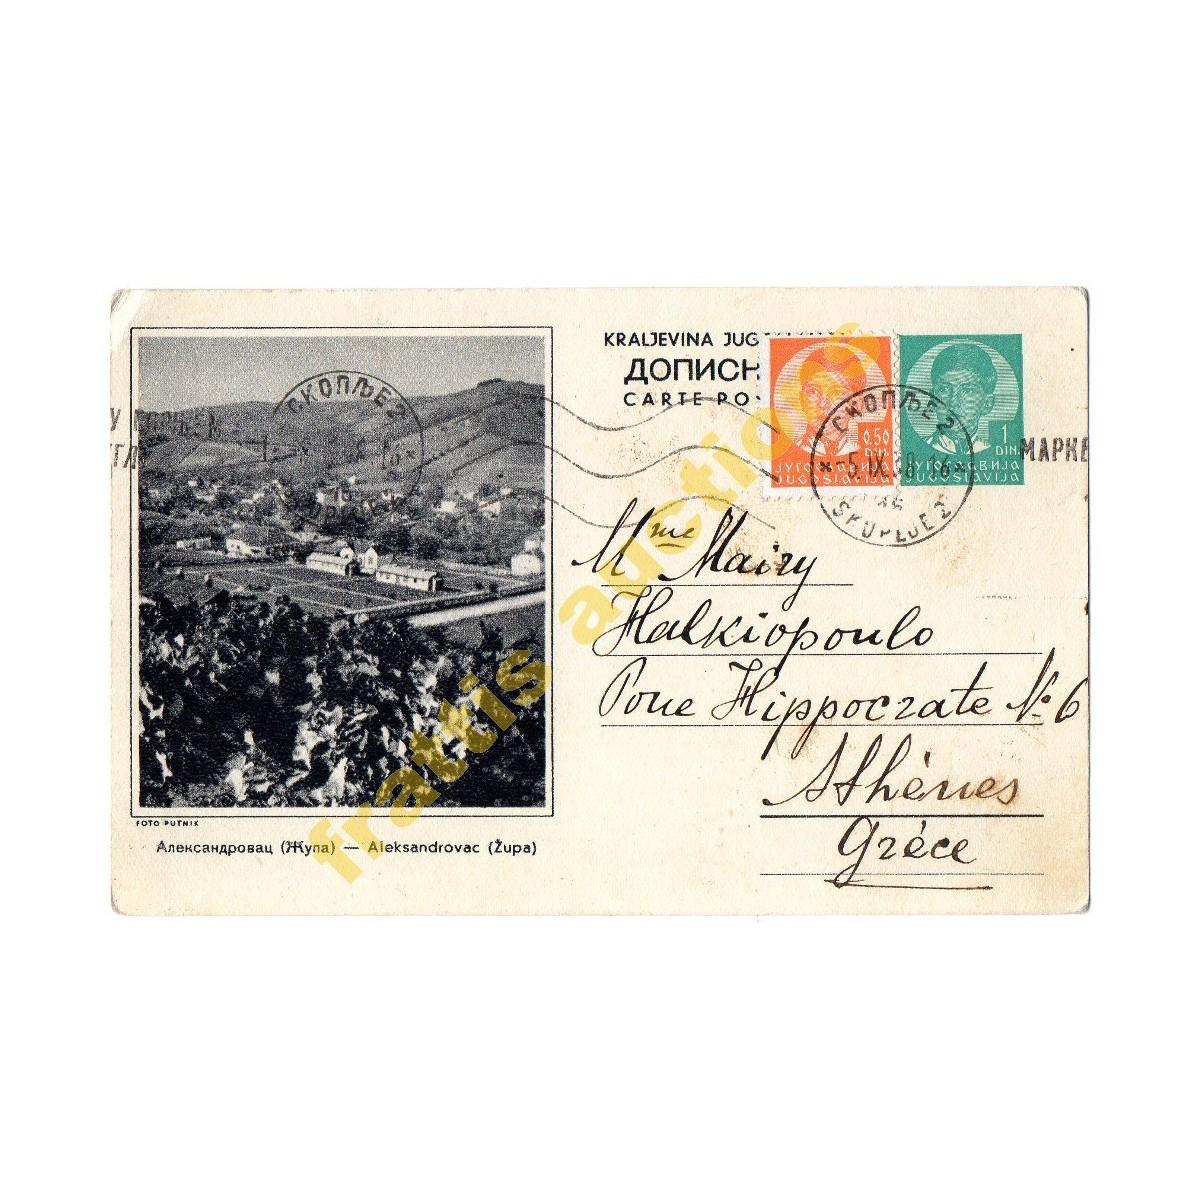 Καρτολίνα με φωτογραφία του Aleksandrovac 1938.